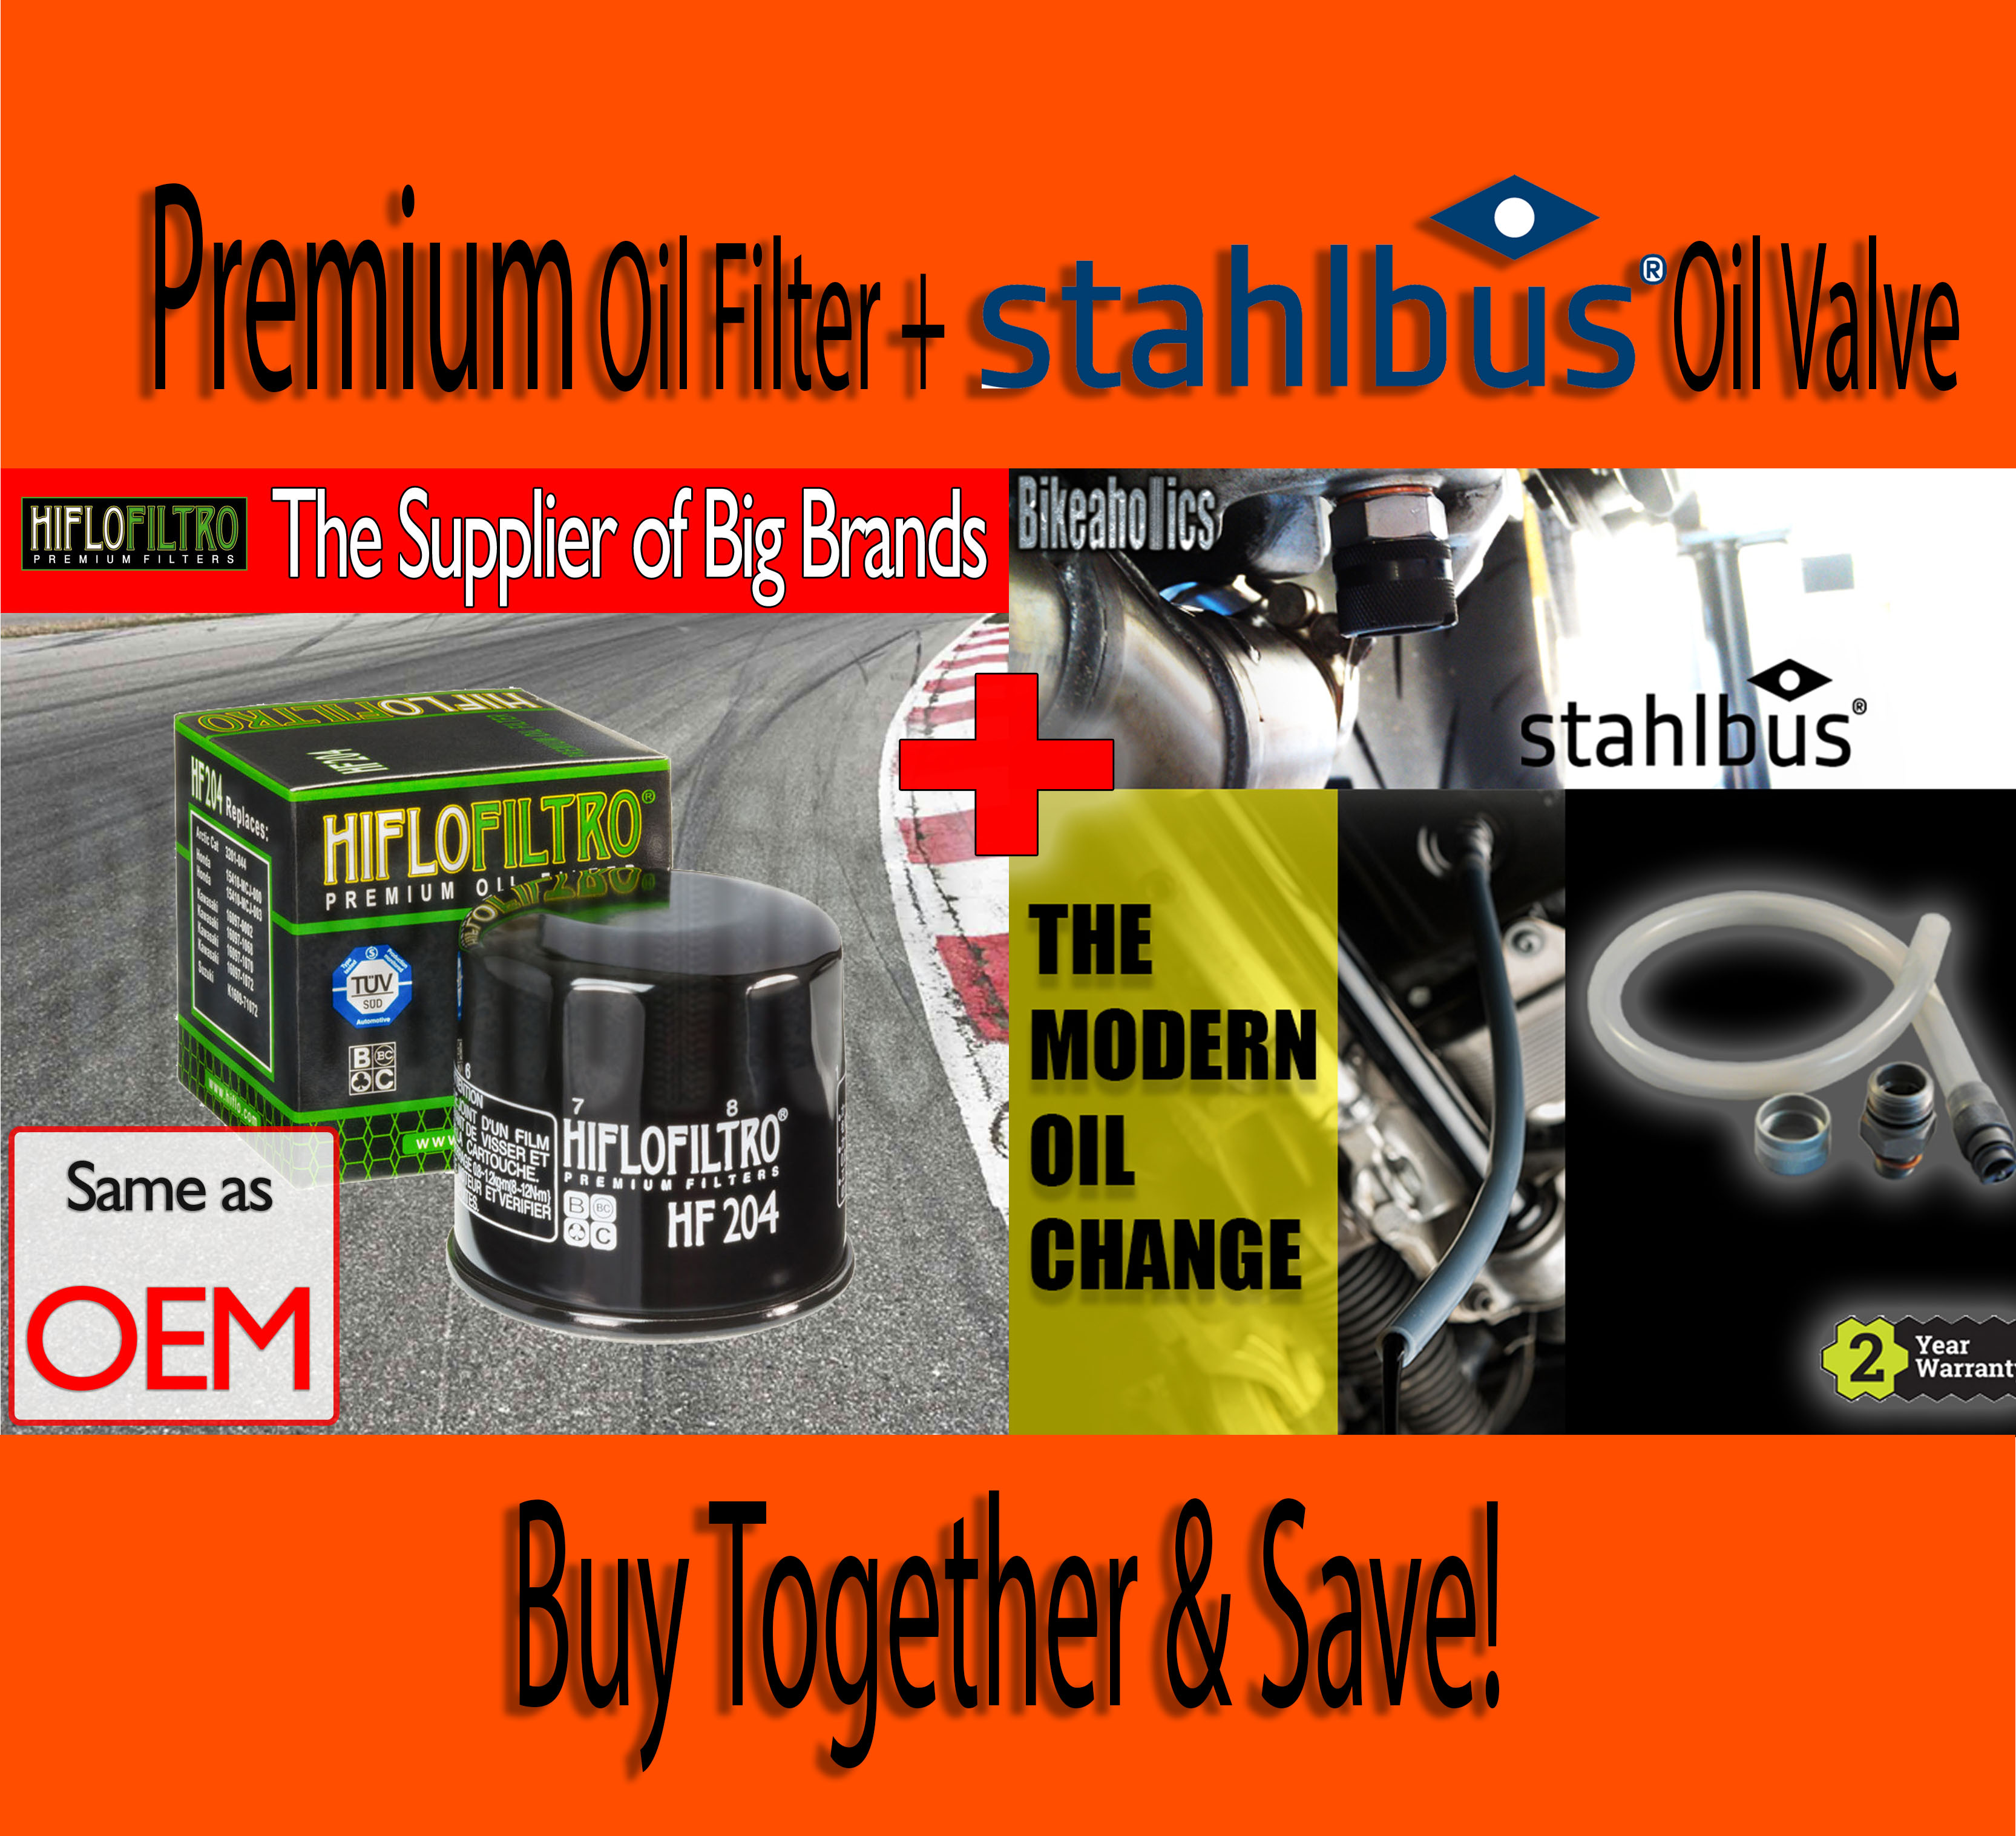 premium oil filter stahlbus drain valve honda cbr 900 rr. Black Bedroom Furniture Sets. Home Design Ideas